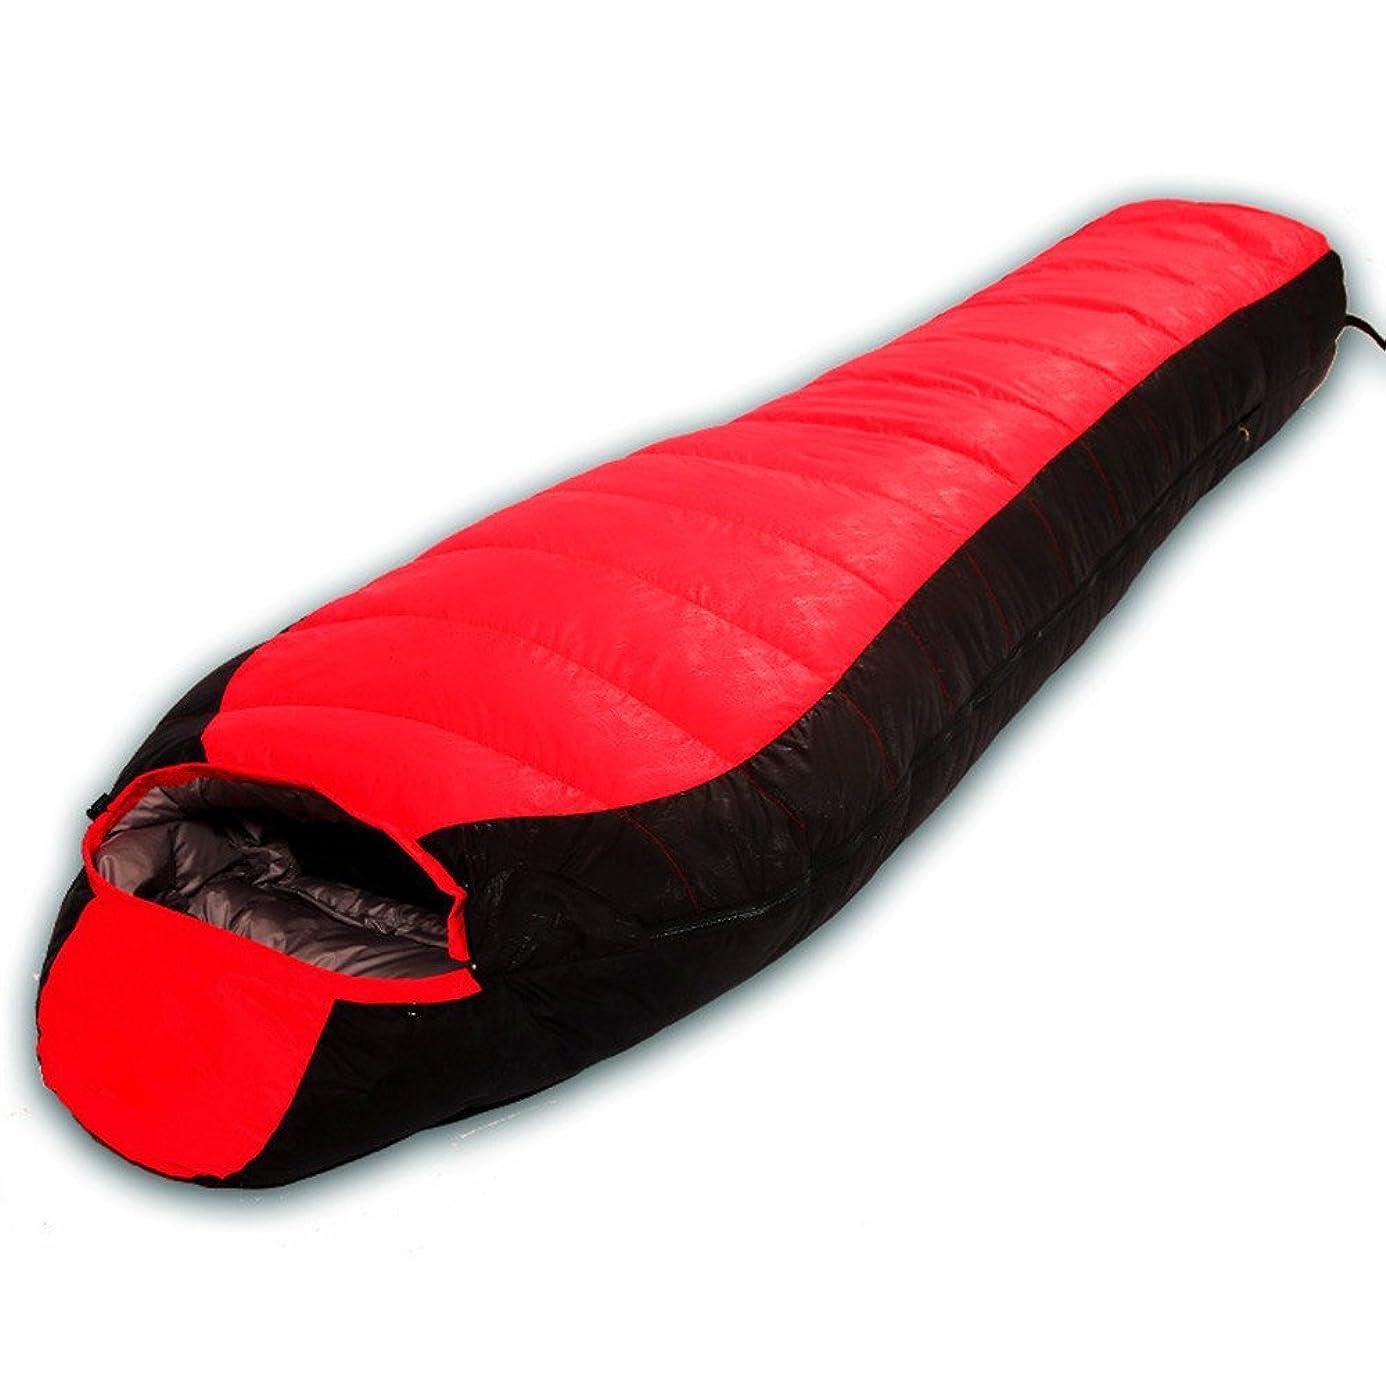 到着するペチュランス行商寝袋 シュラフ スリーピングバッグは、厚いフィルダウン通気性が寝袋アウトドアキャンプ旅行に適した寝袋寝袋キャップ付ウォームフィールドポータブルミイラダブルファイトをキープ コンパクト収納